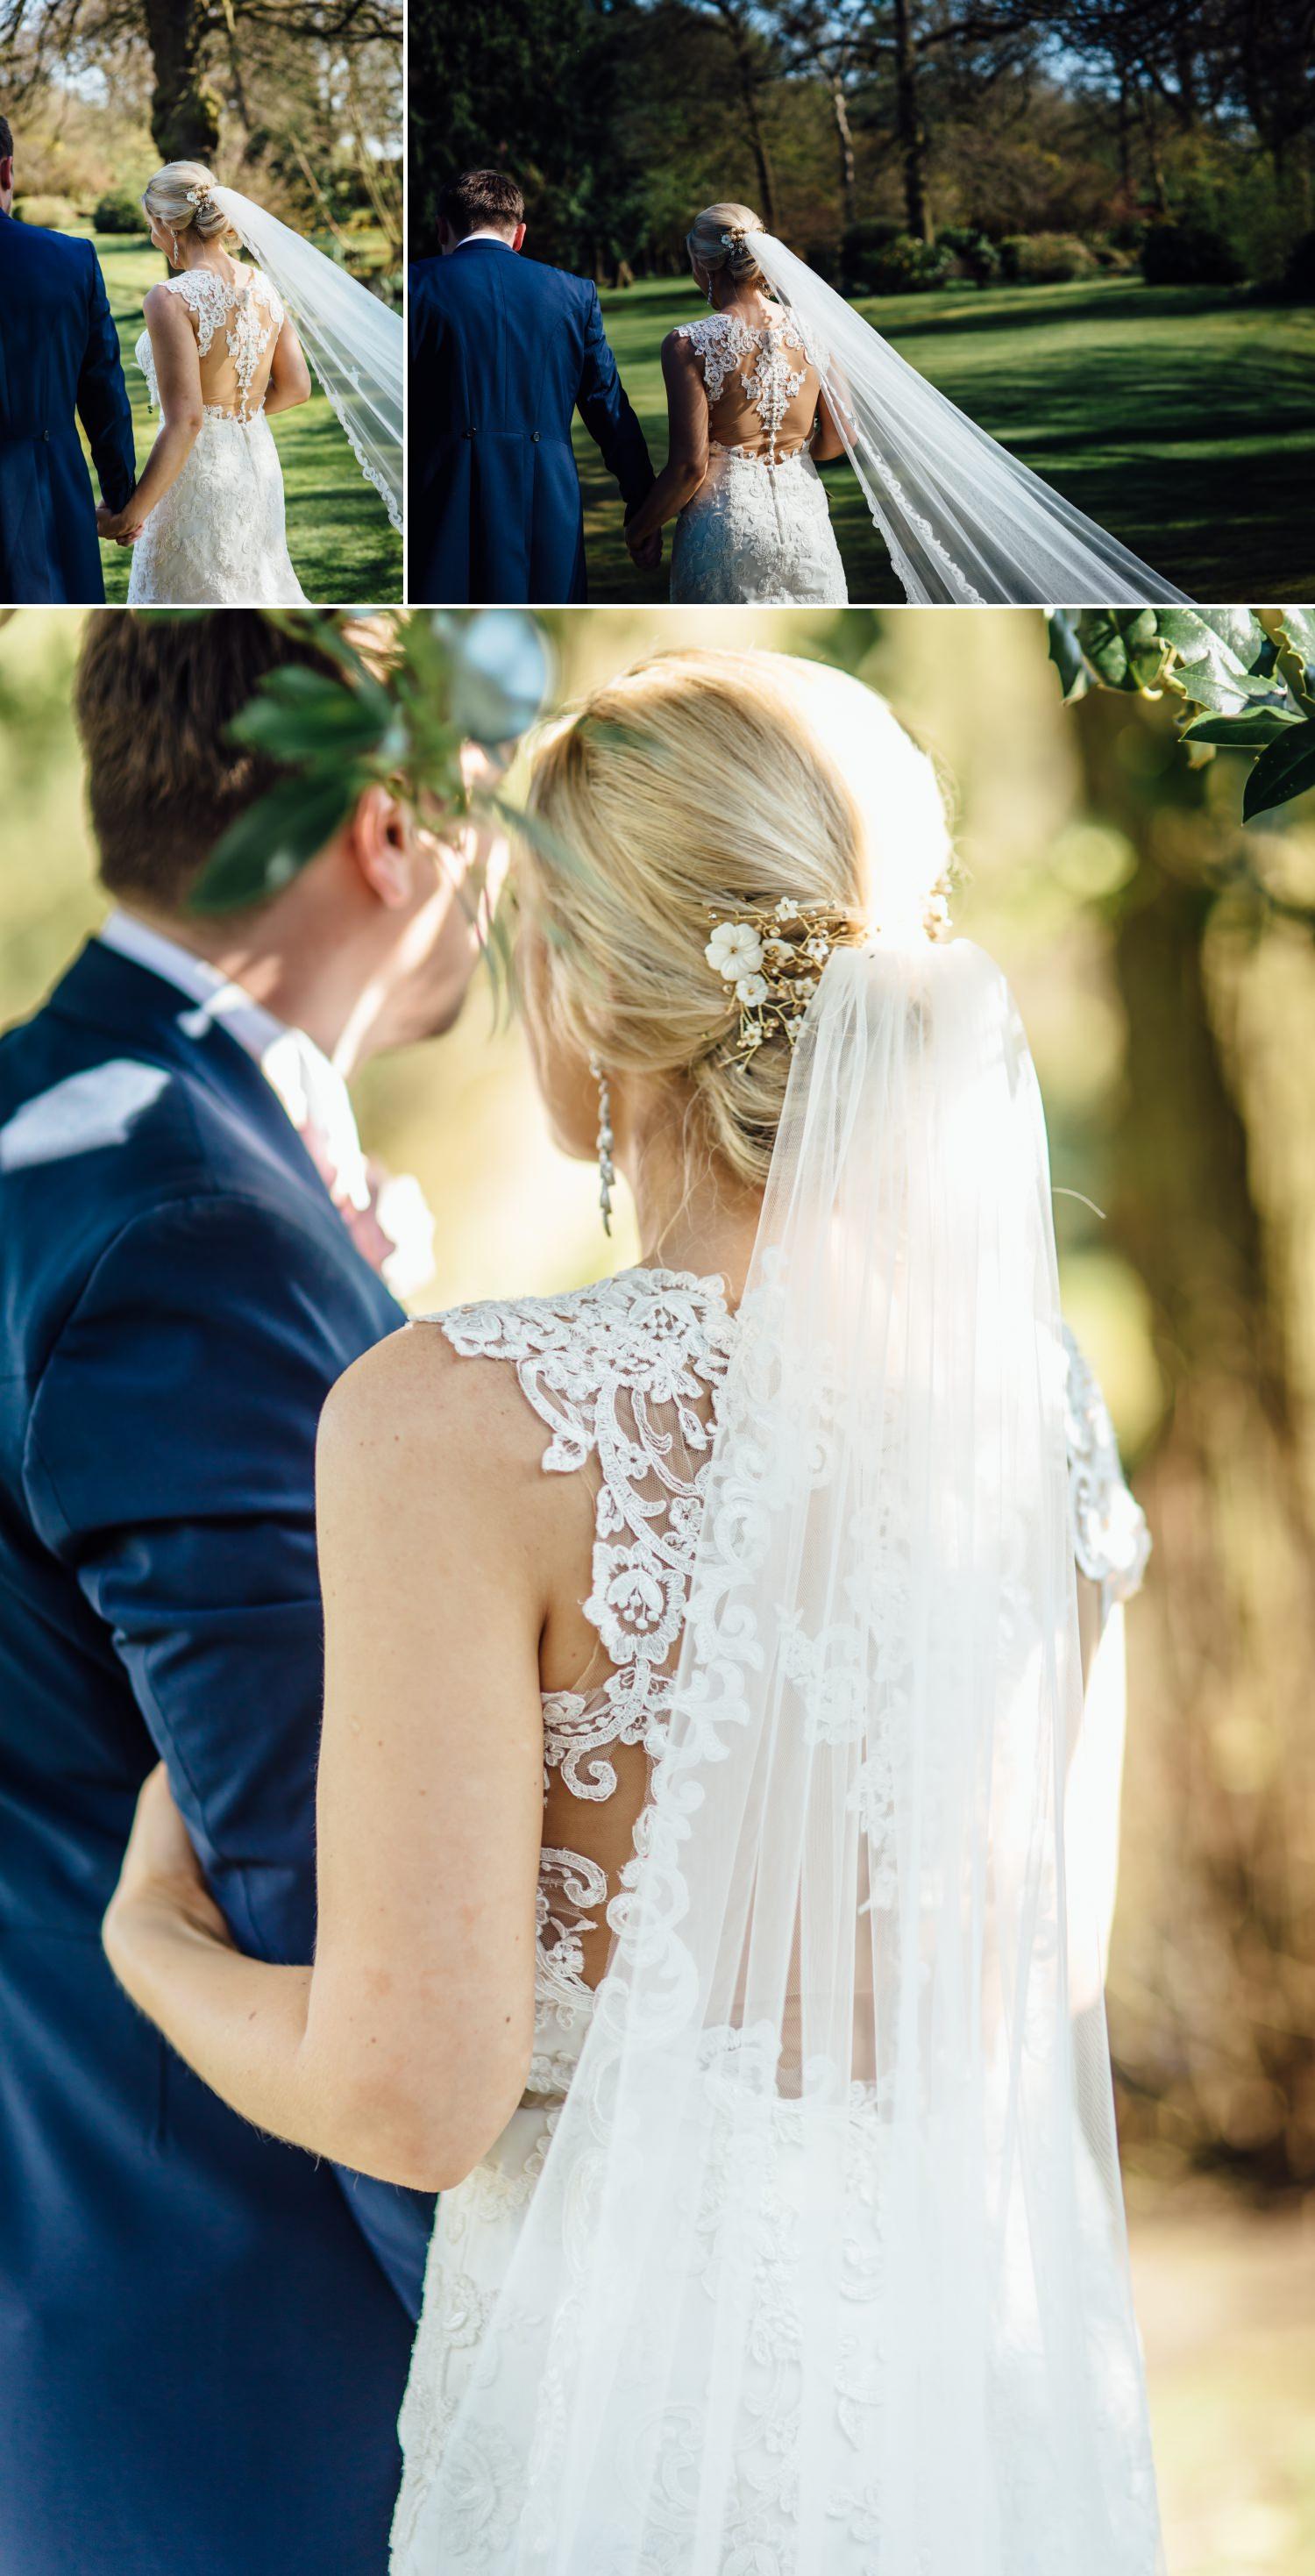 Bridal dress detail shots at cheshire wedding venue Colshaw Hall